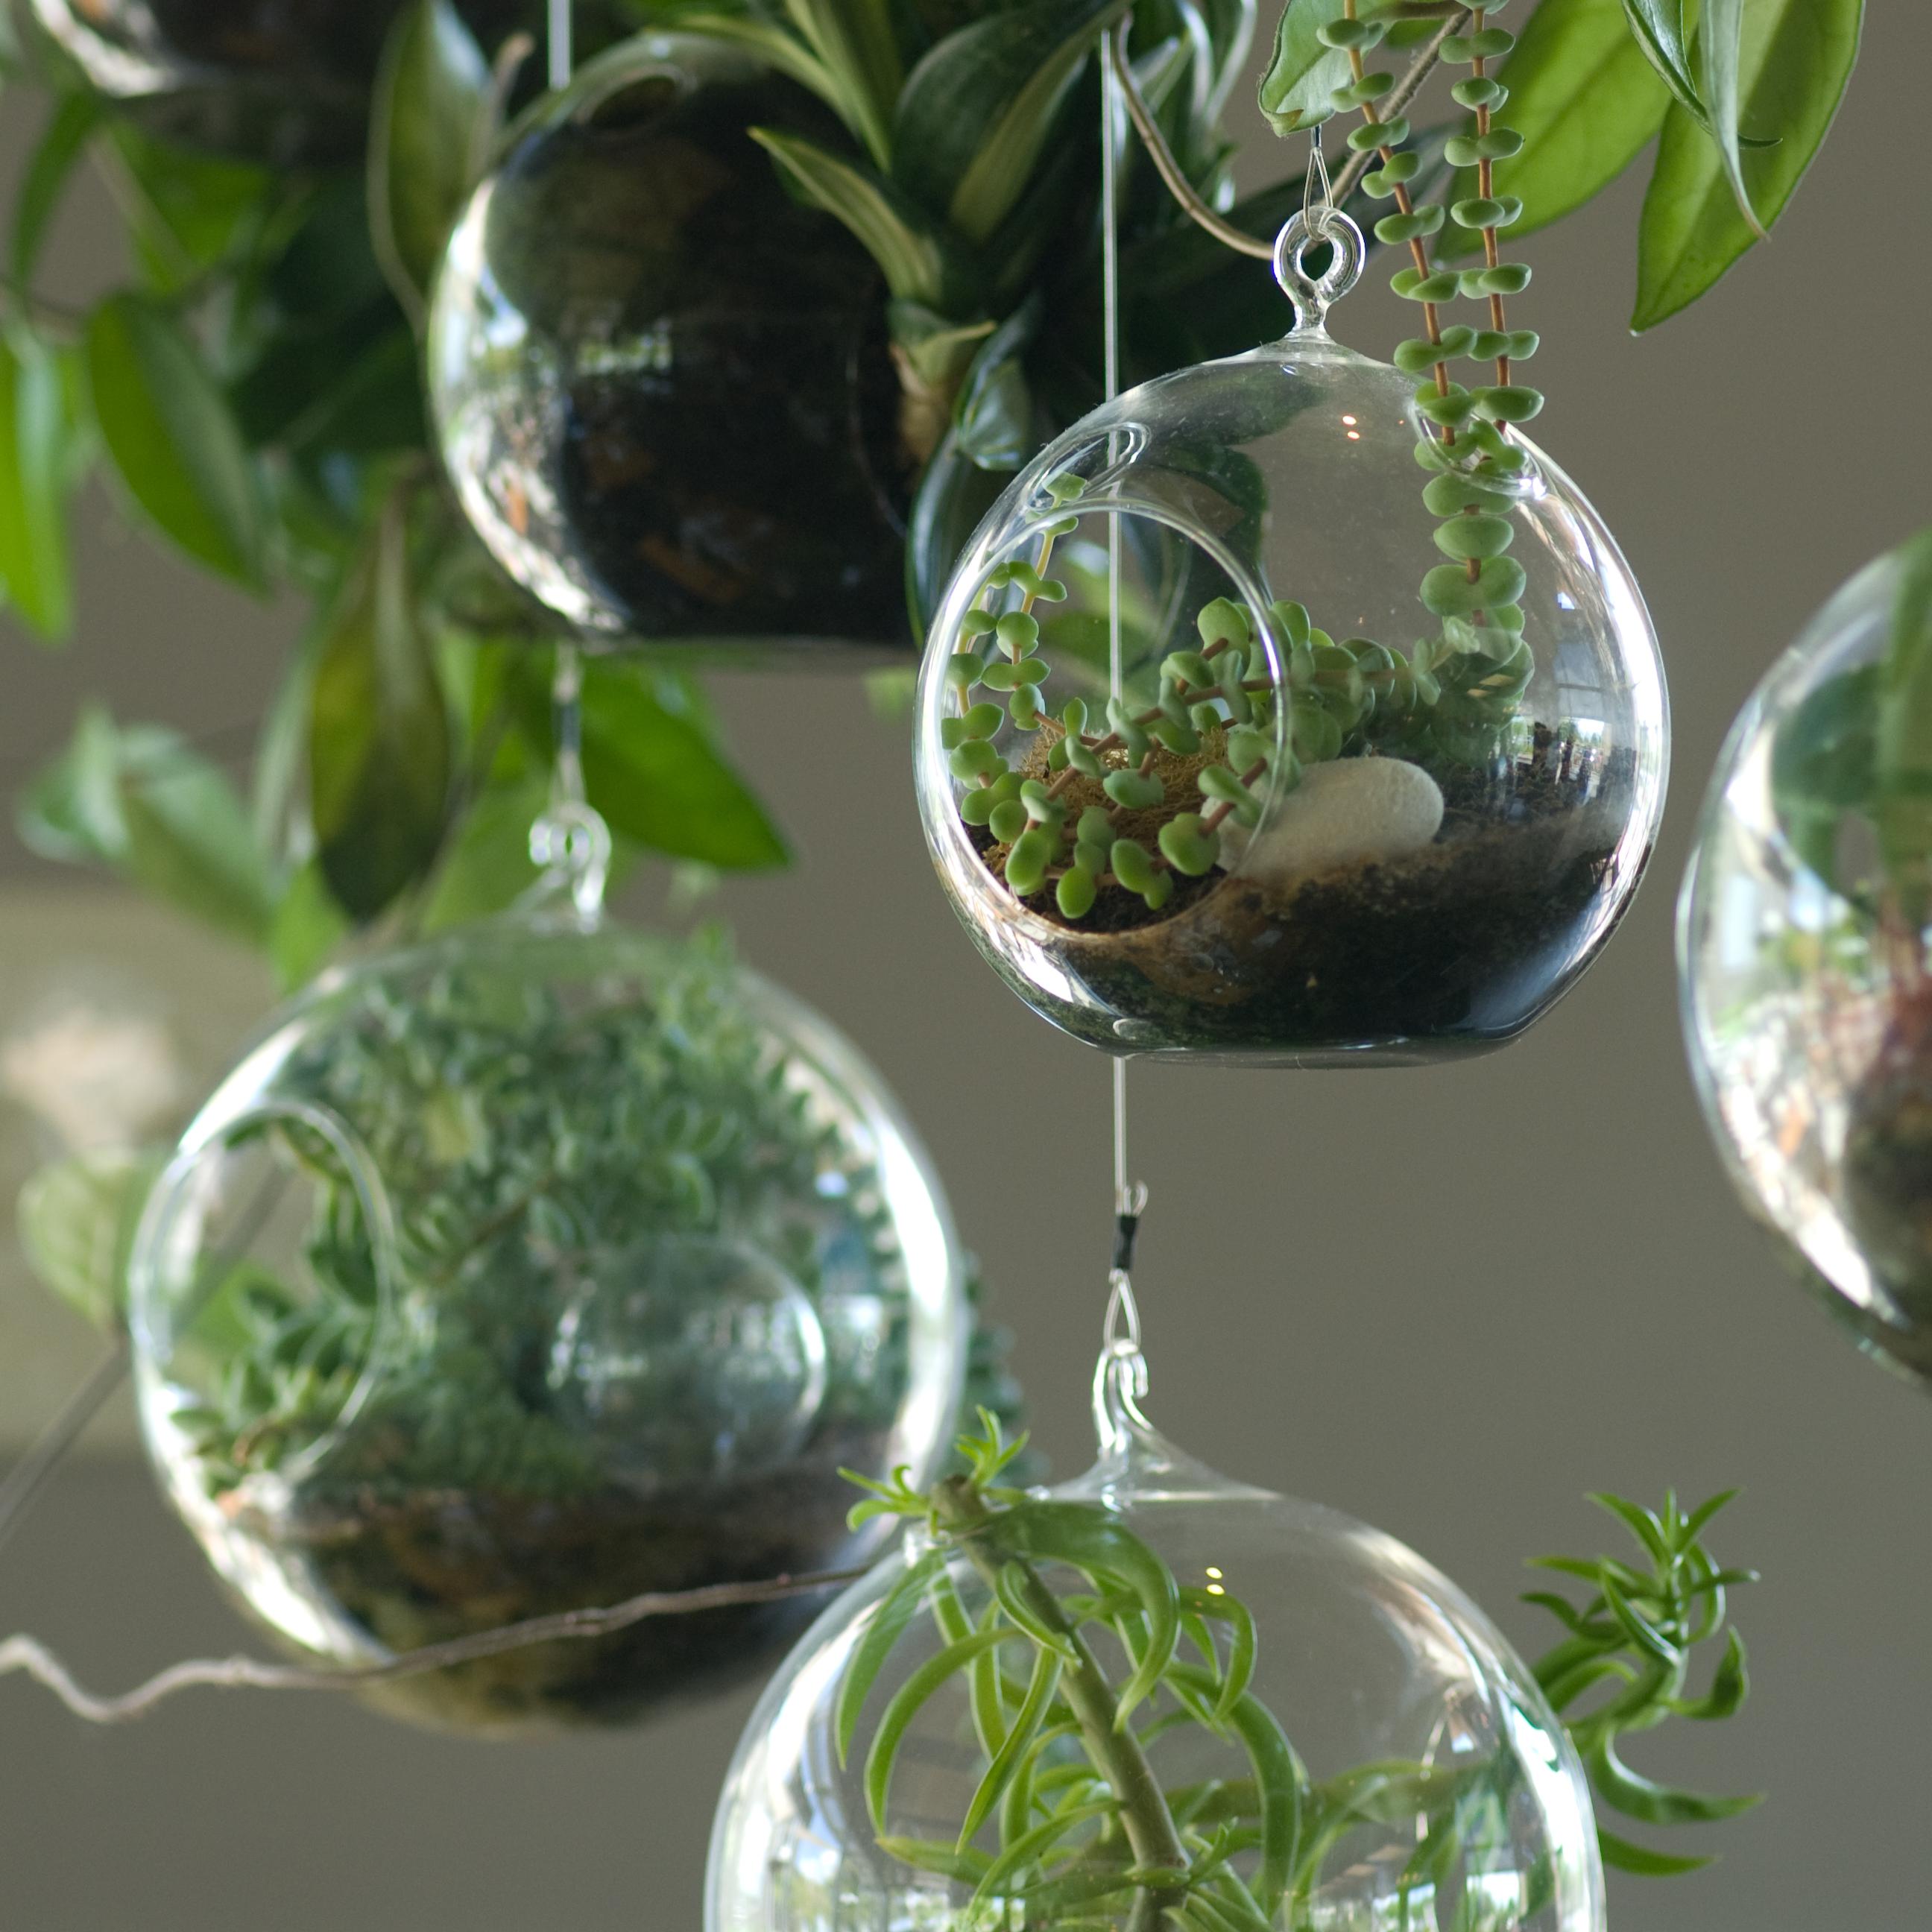 Már sok helyen beszerezhetők azok a látványos üvegbuborékok, melyek biztosan feldobják a lakást...